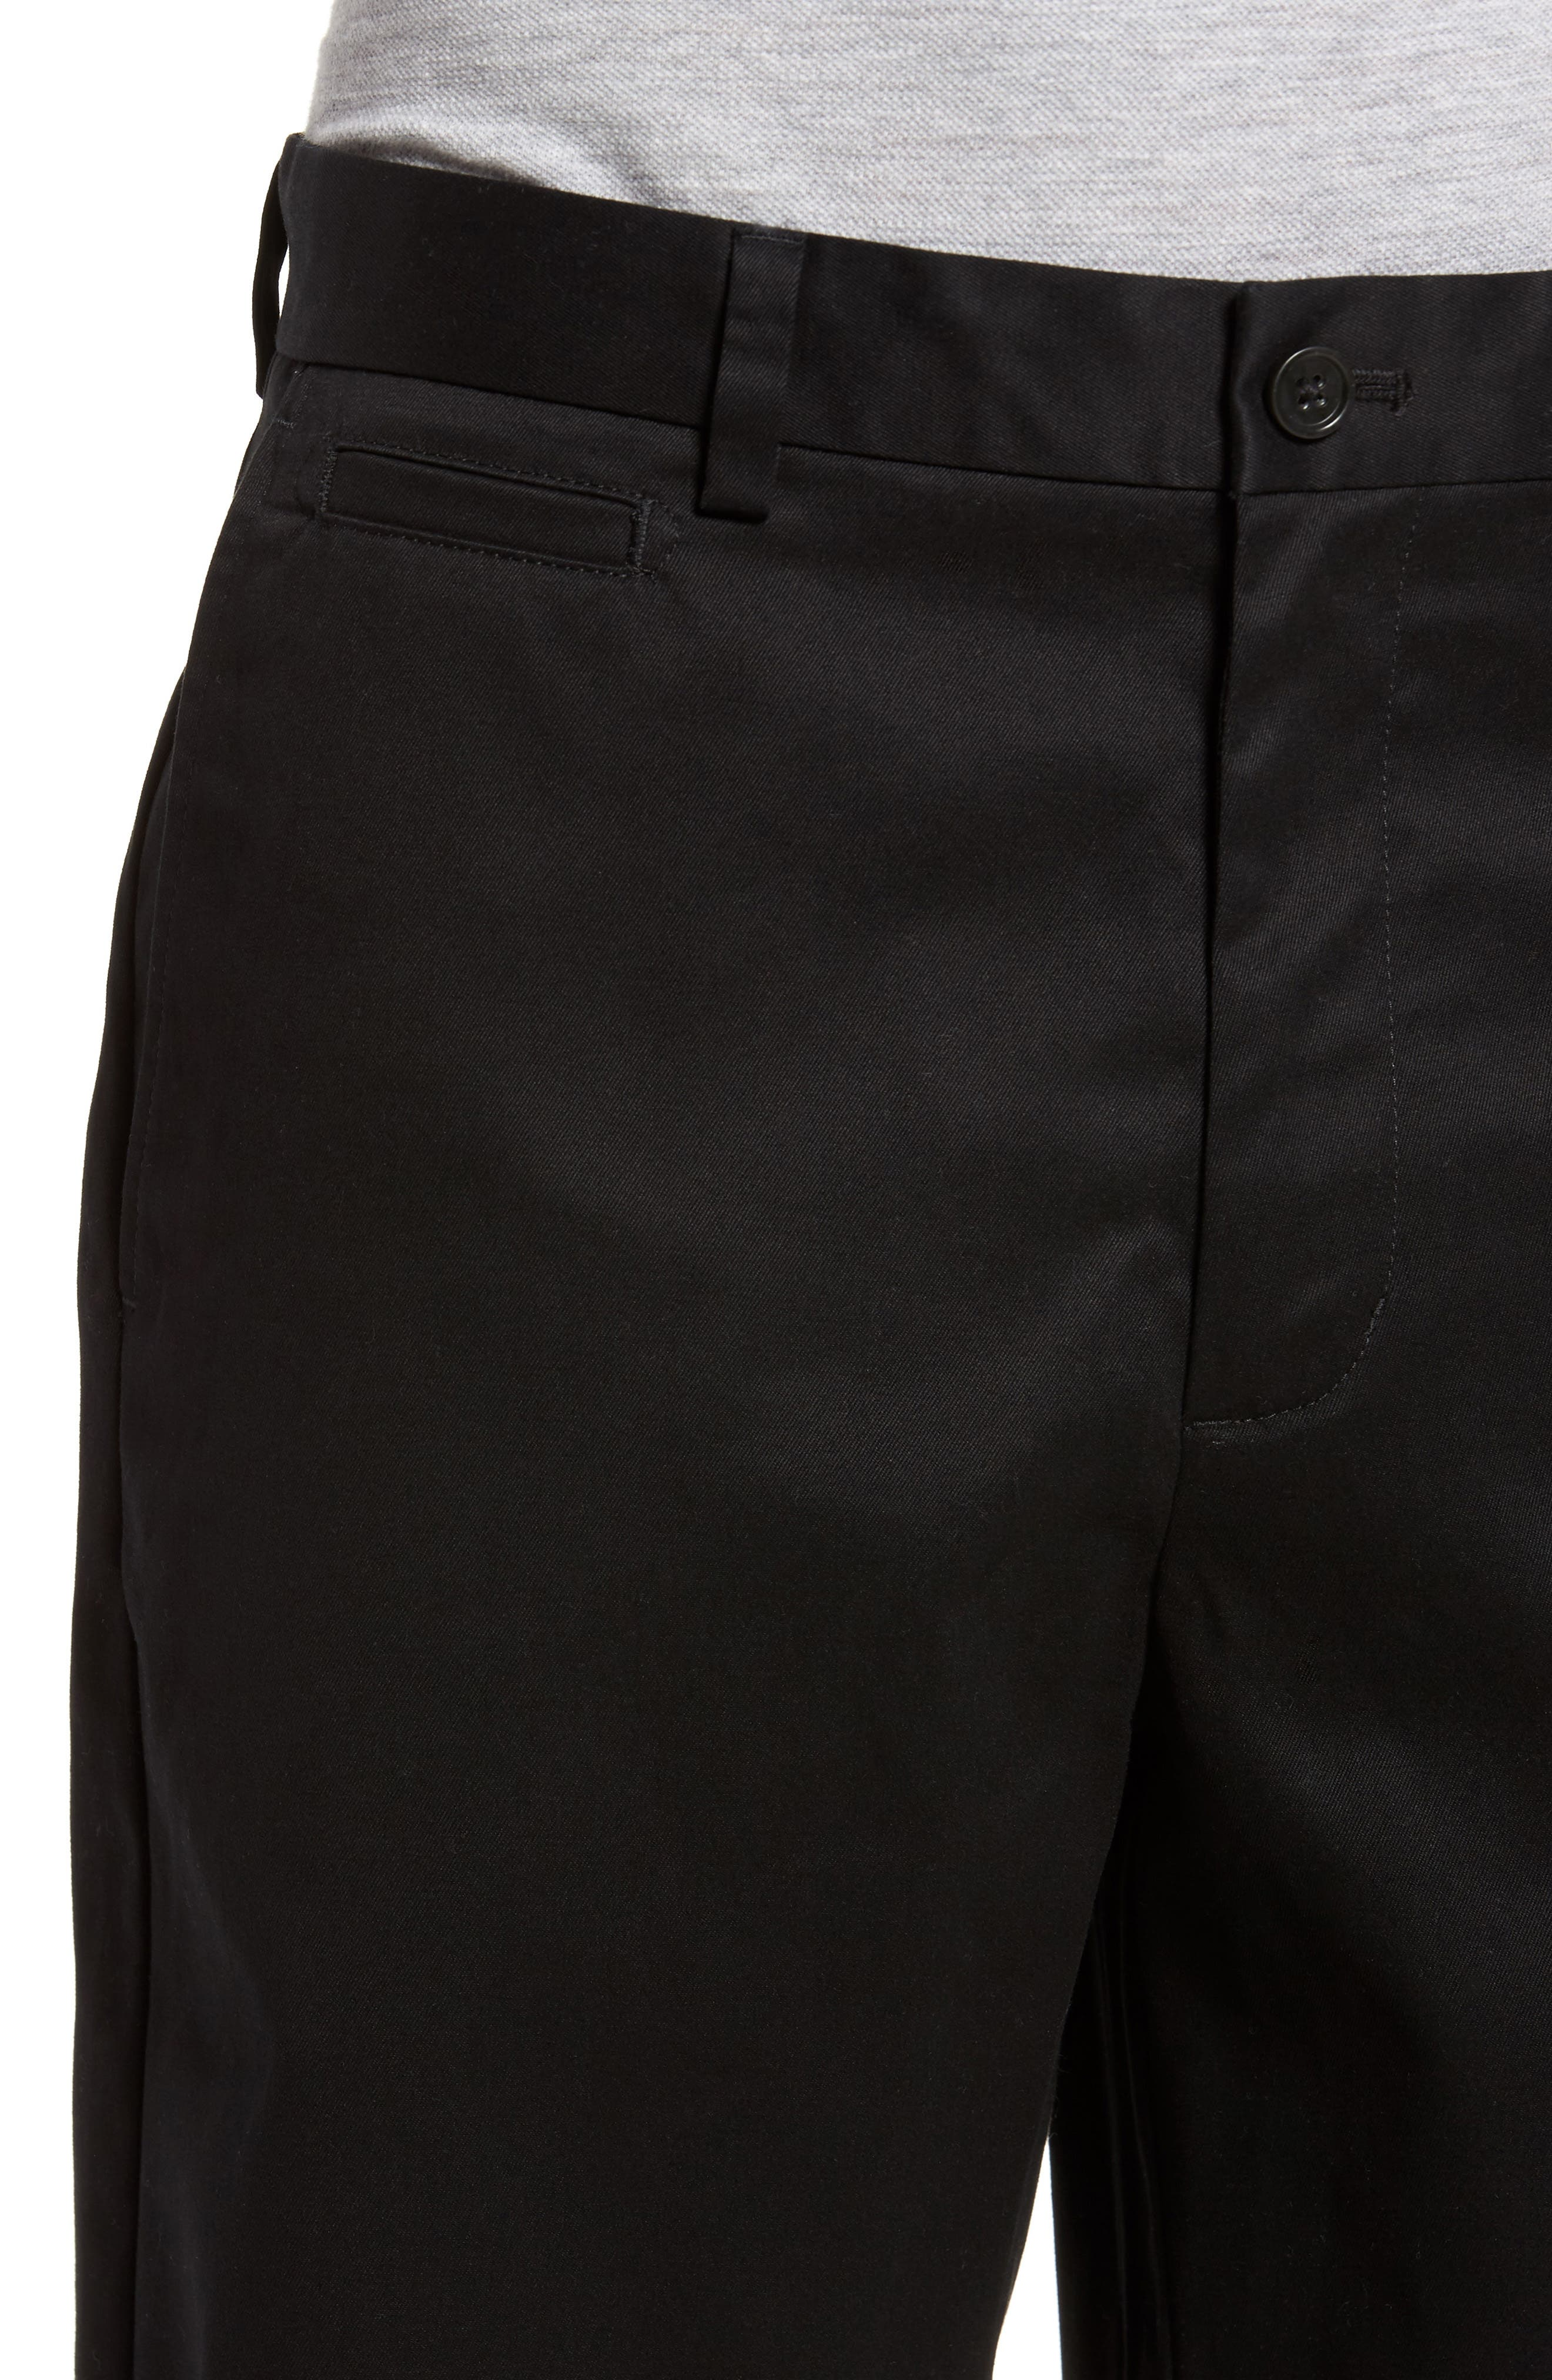 NORDSTROM MEN'S SHOP, Smartcare<sup>™</sup> Flat Front Shorts, Alternate thumbnail 4, color, BLACK